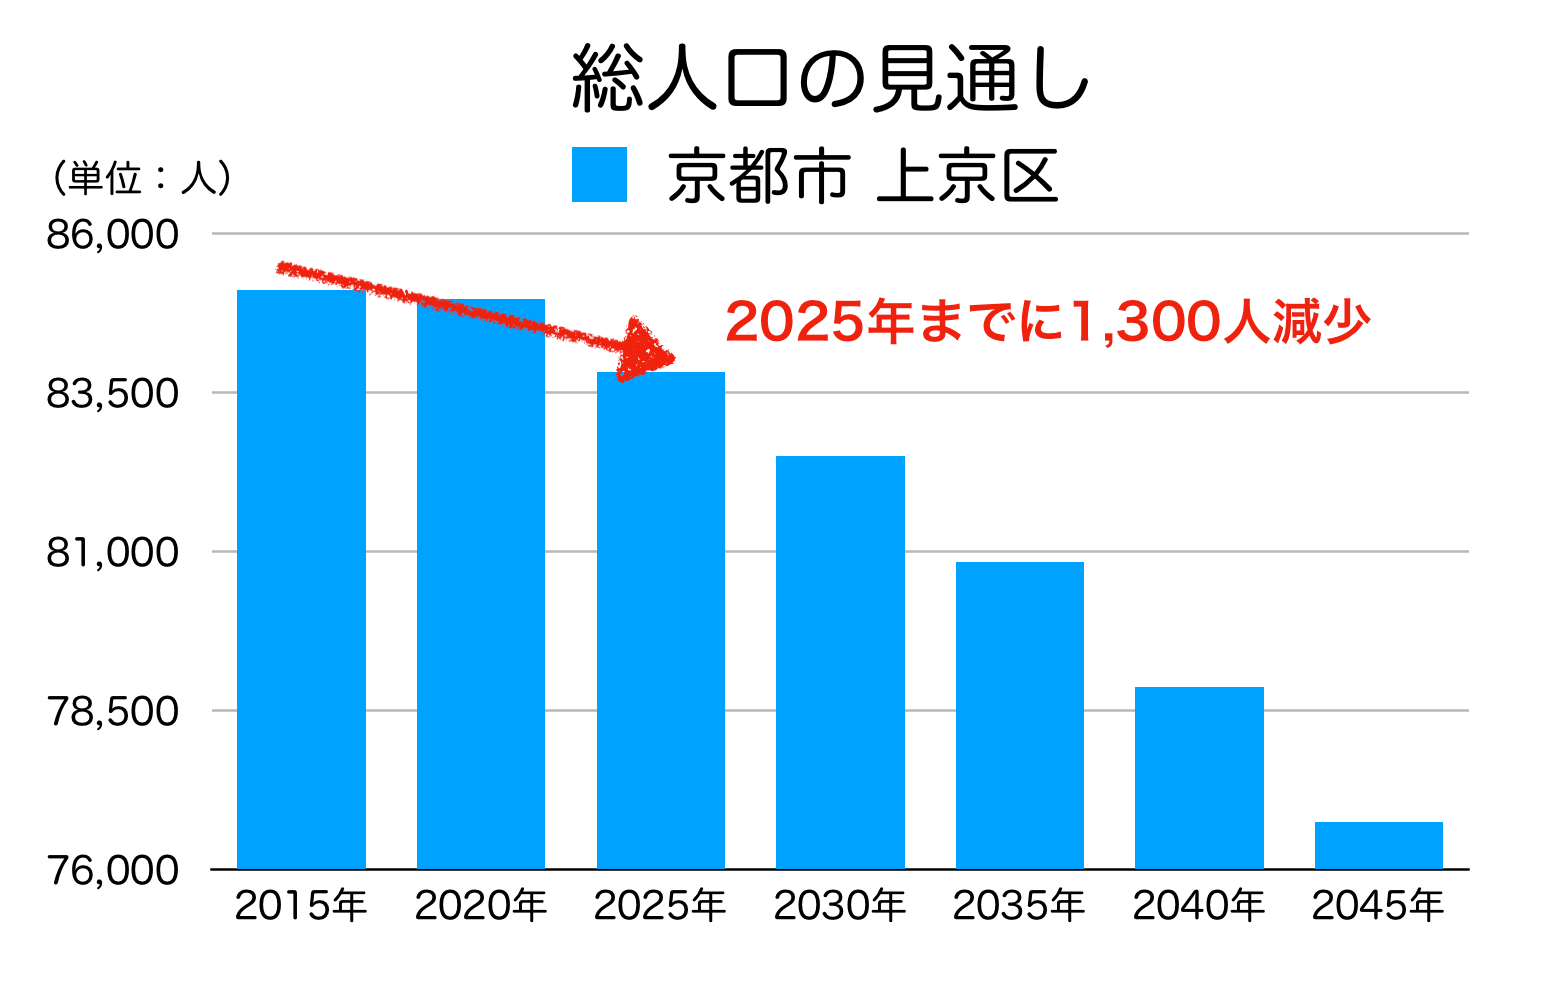 京都市上京区の人口予測